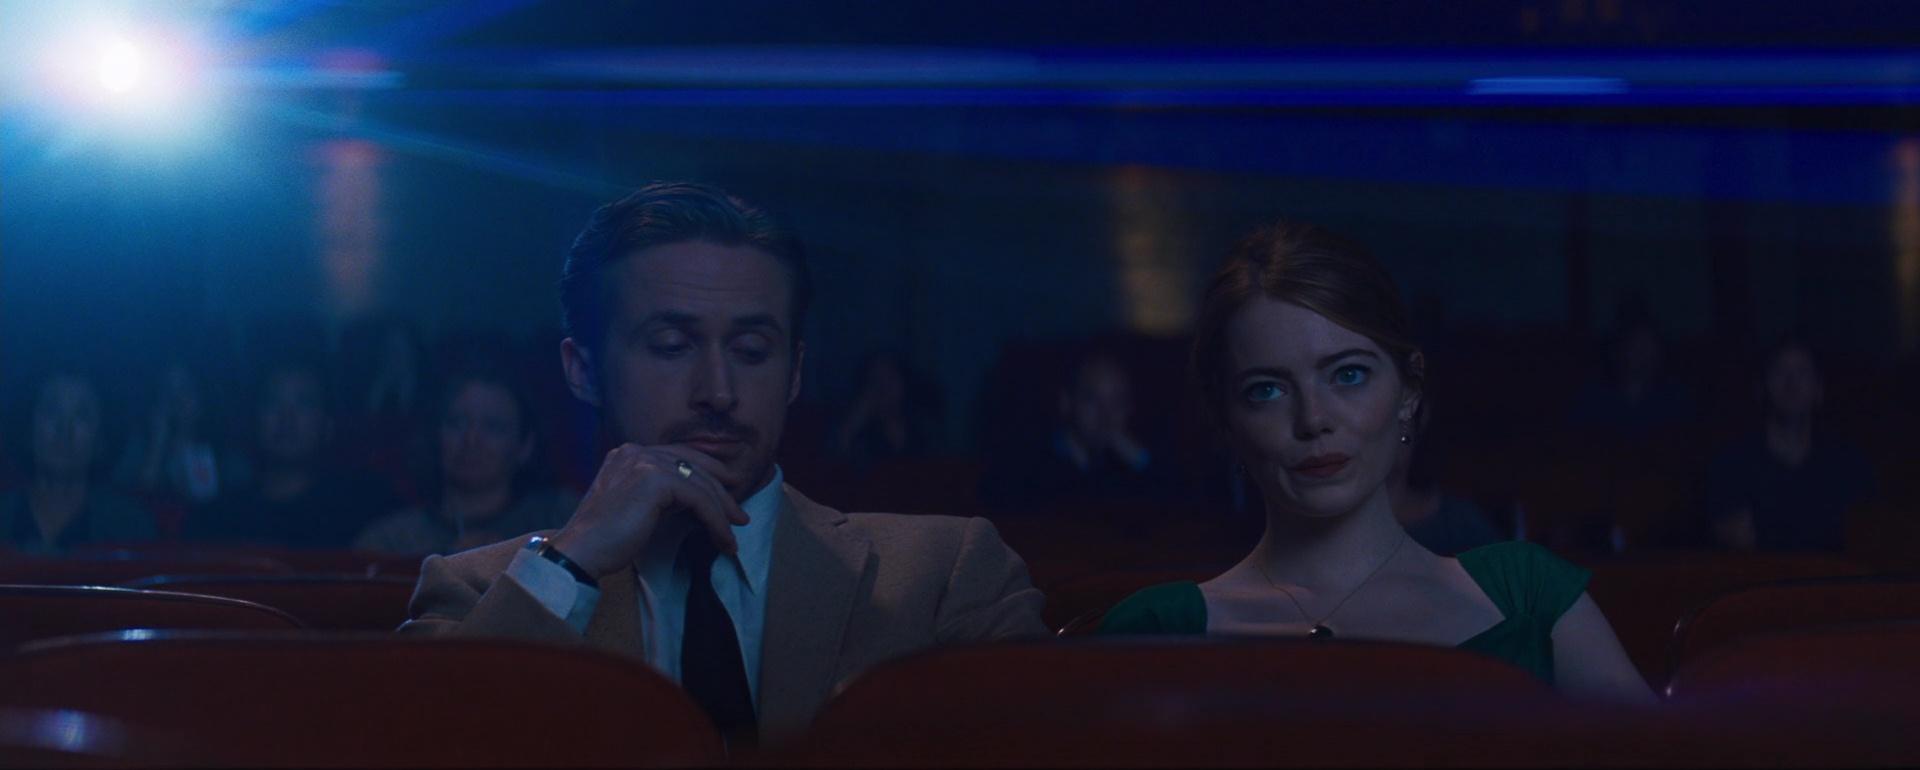 La La Land film still 12